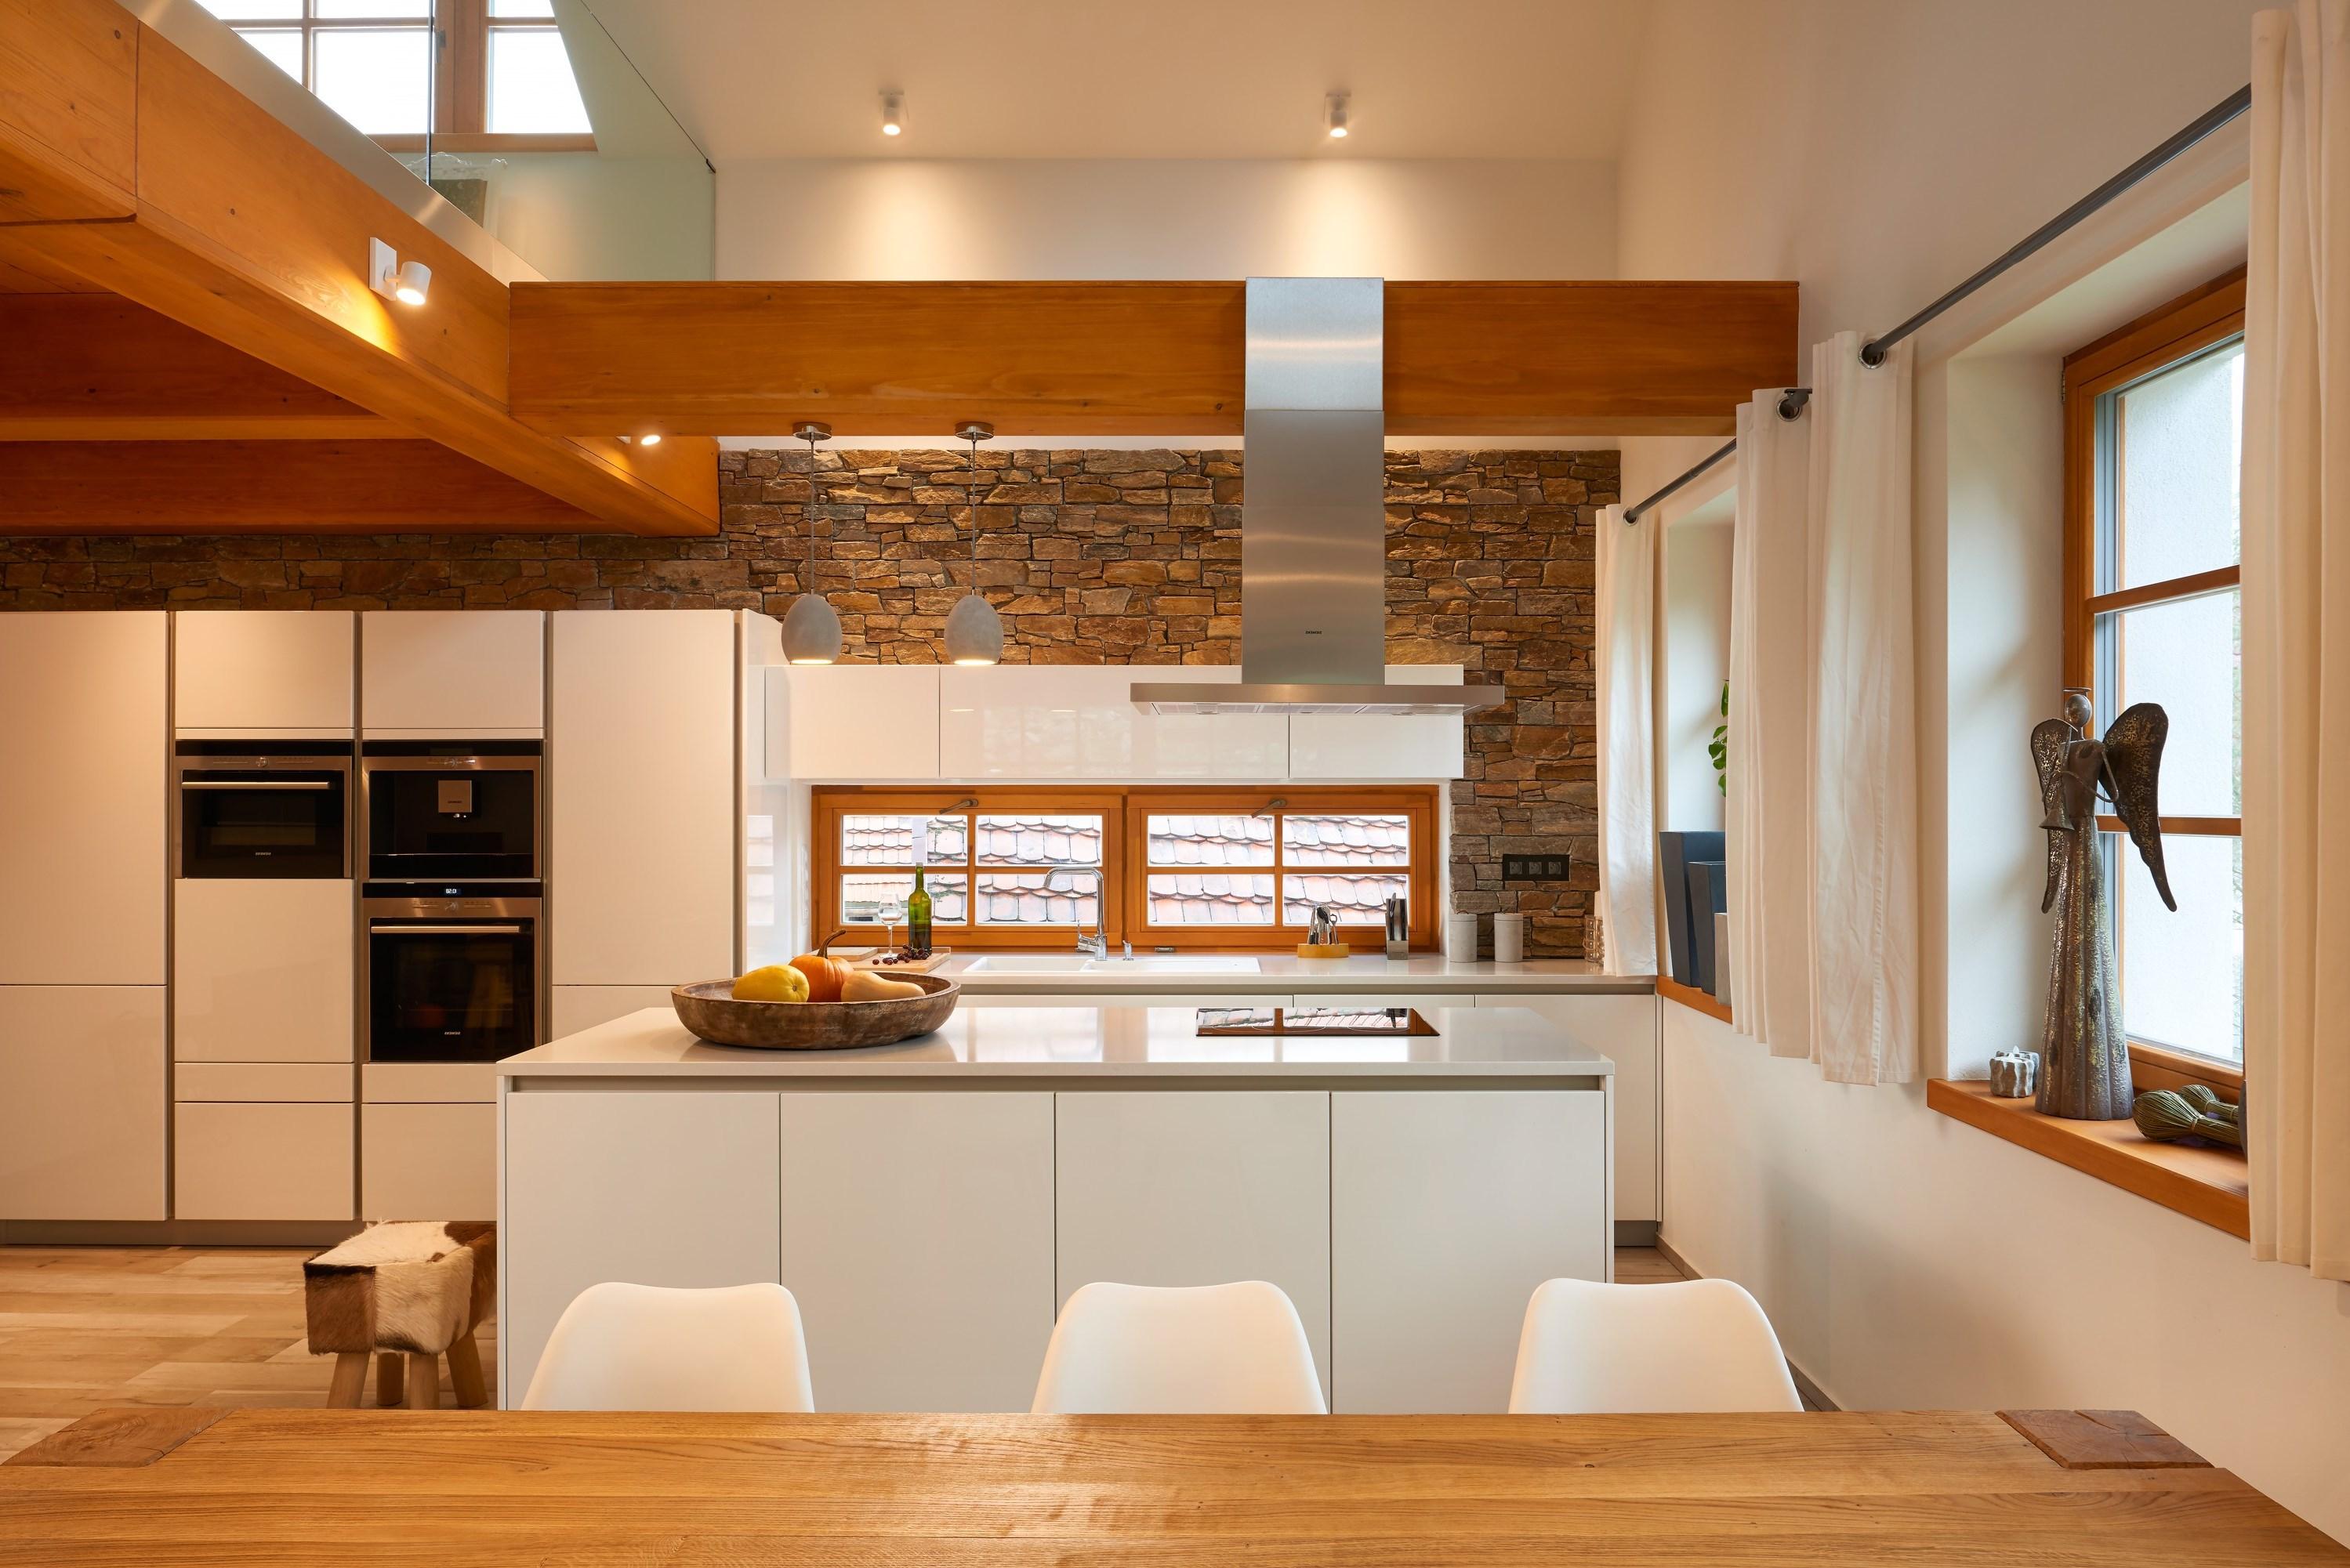 BELLA IDEA PRAHA pro váš připraví i návrh kuchyně